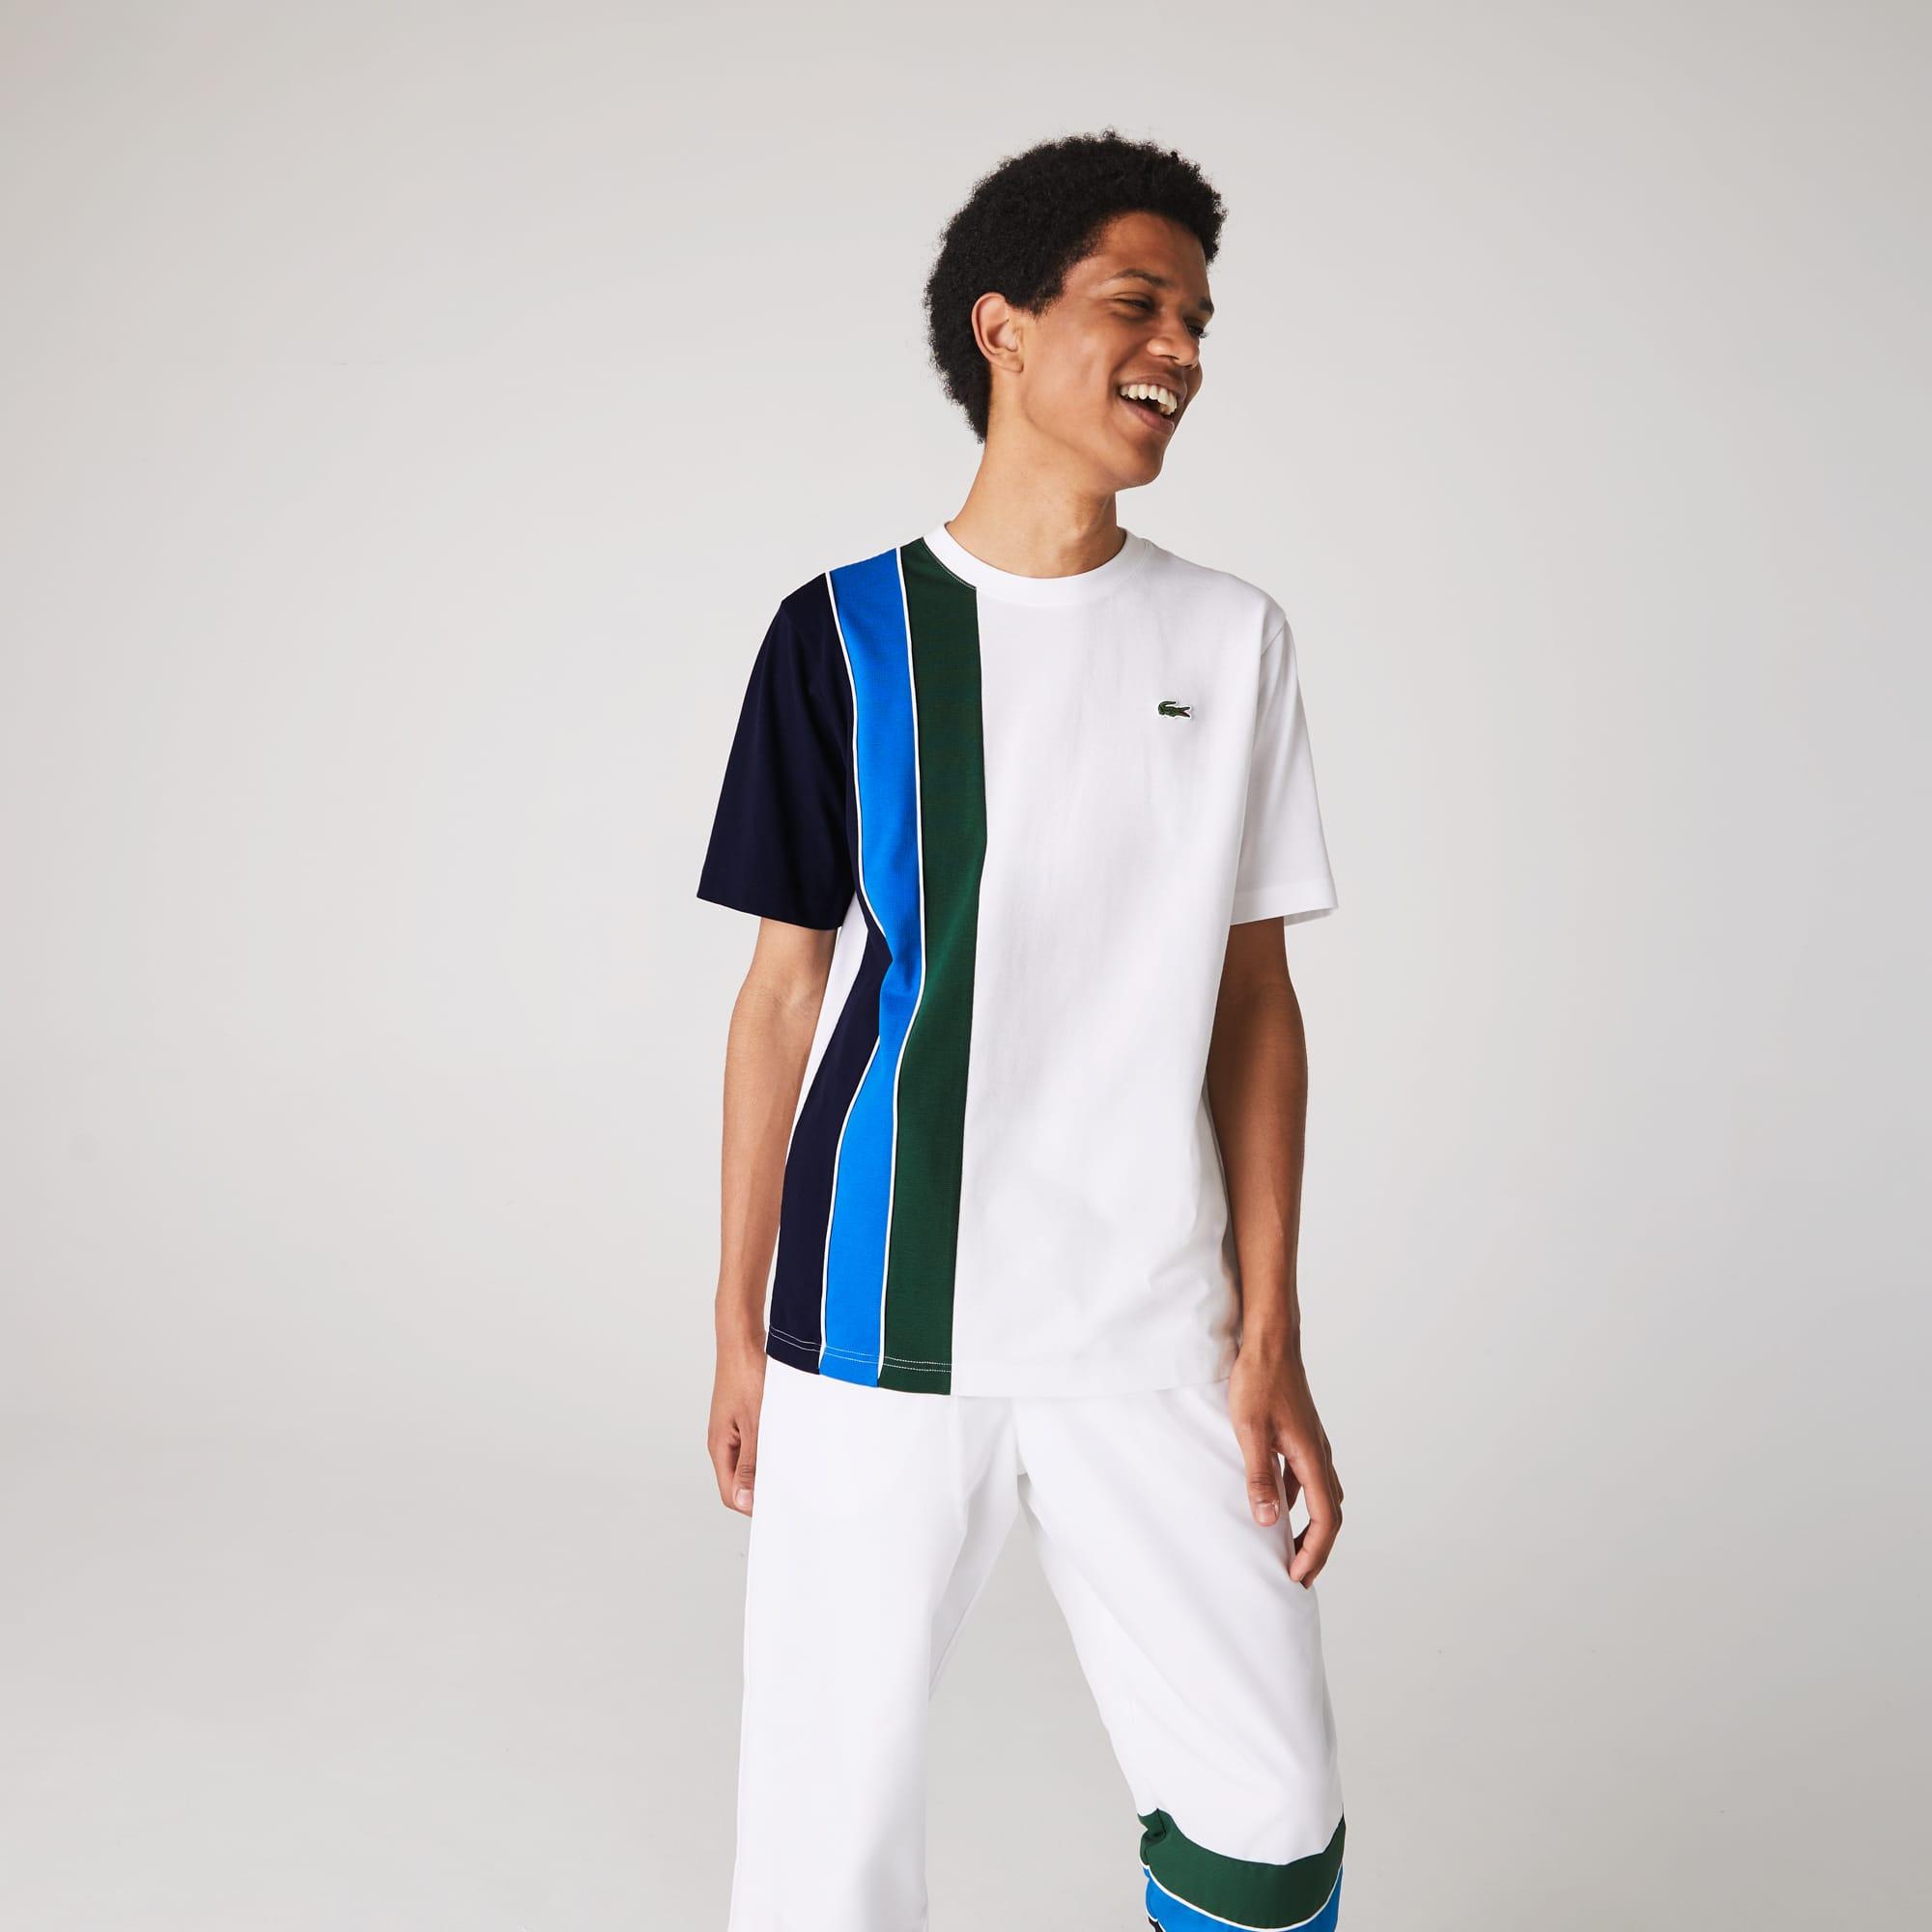 라코스테 스포츠 컬러블록 패널 경량 티셔츠 Lacoste Mens SPORT Colorblock Paneled Lightweight Cotton T-shirt